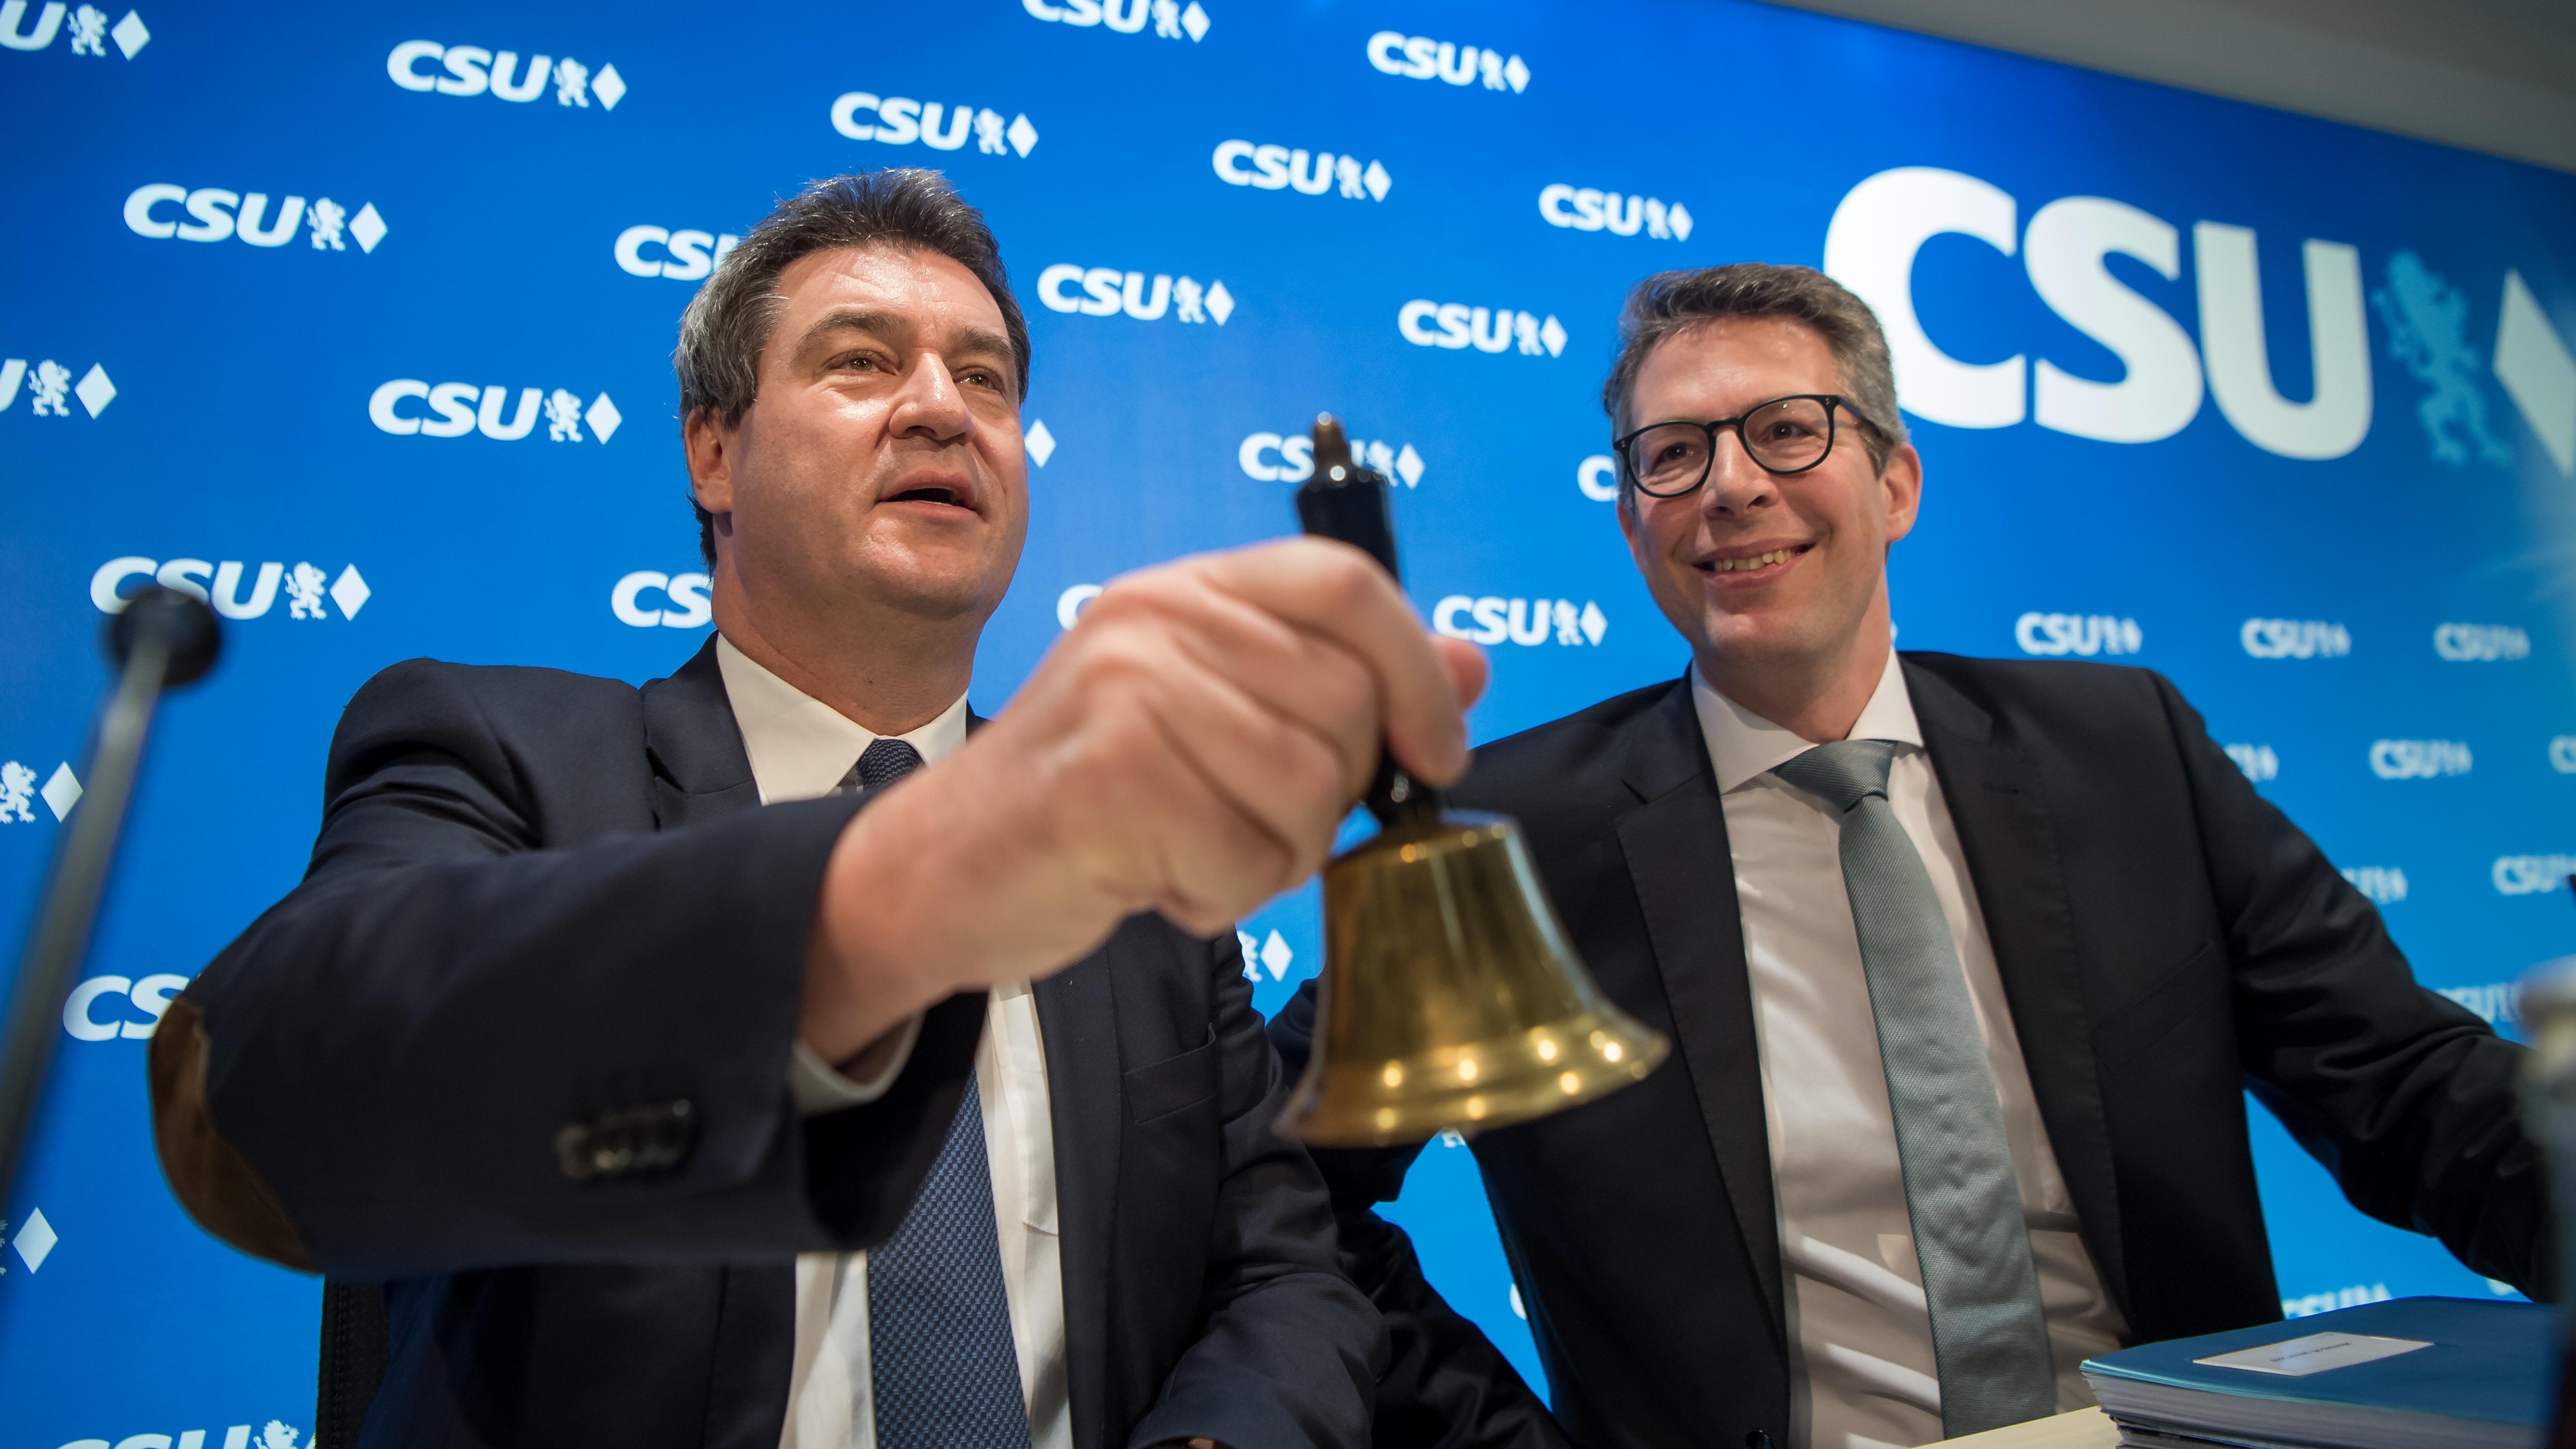 Söder eröffnet mit einer Tischglocke seine erste Vorstandssitzung als CSU-Chef